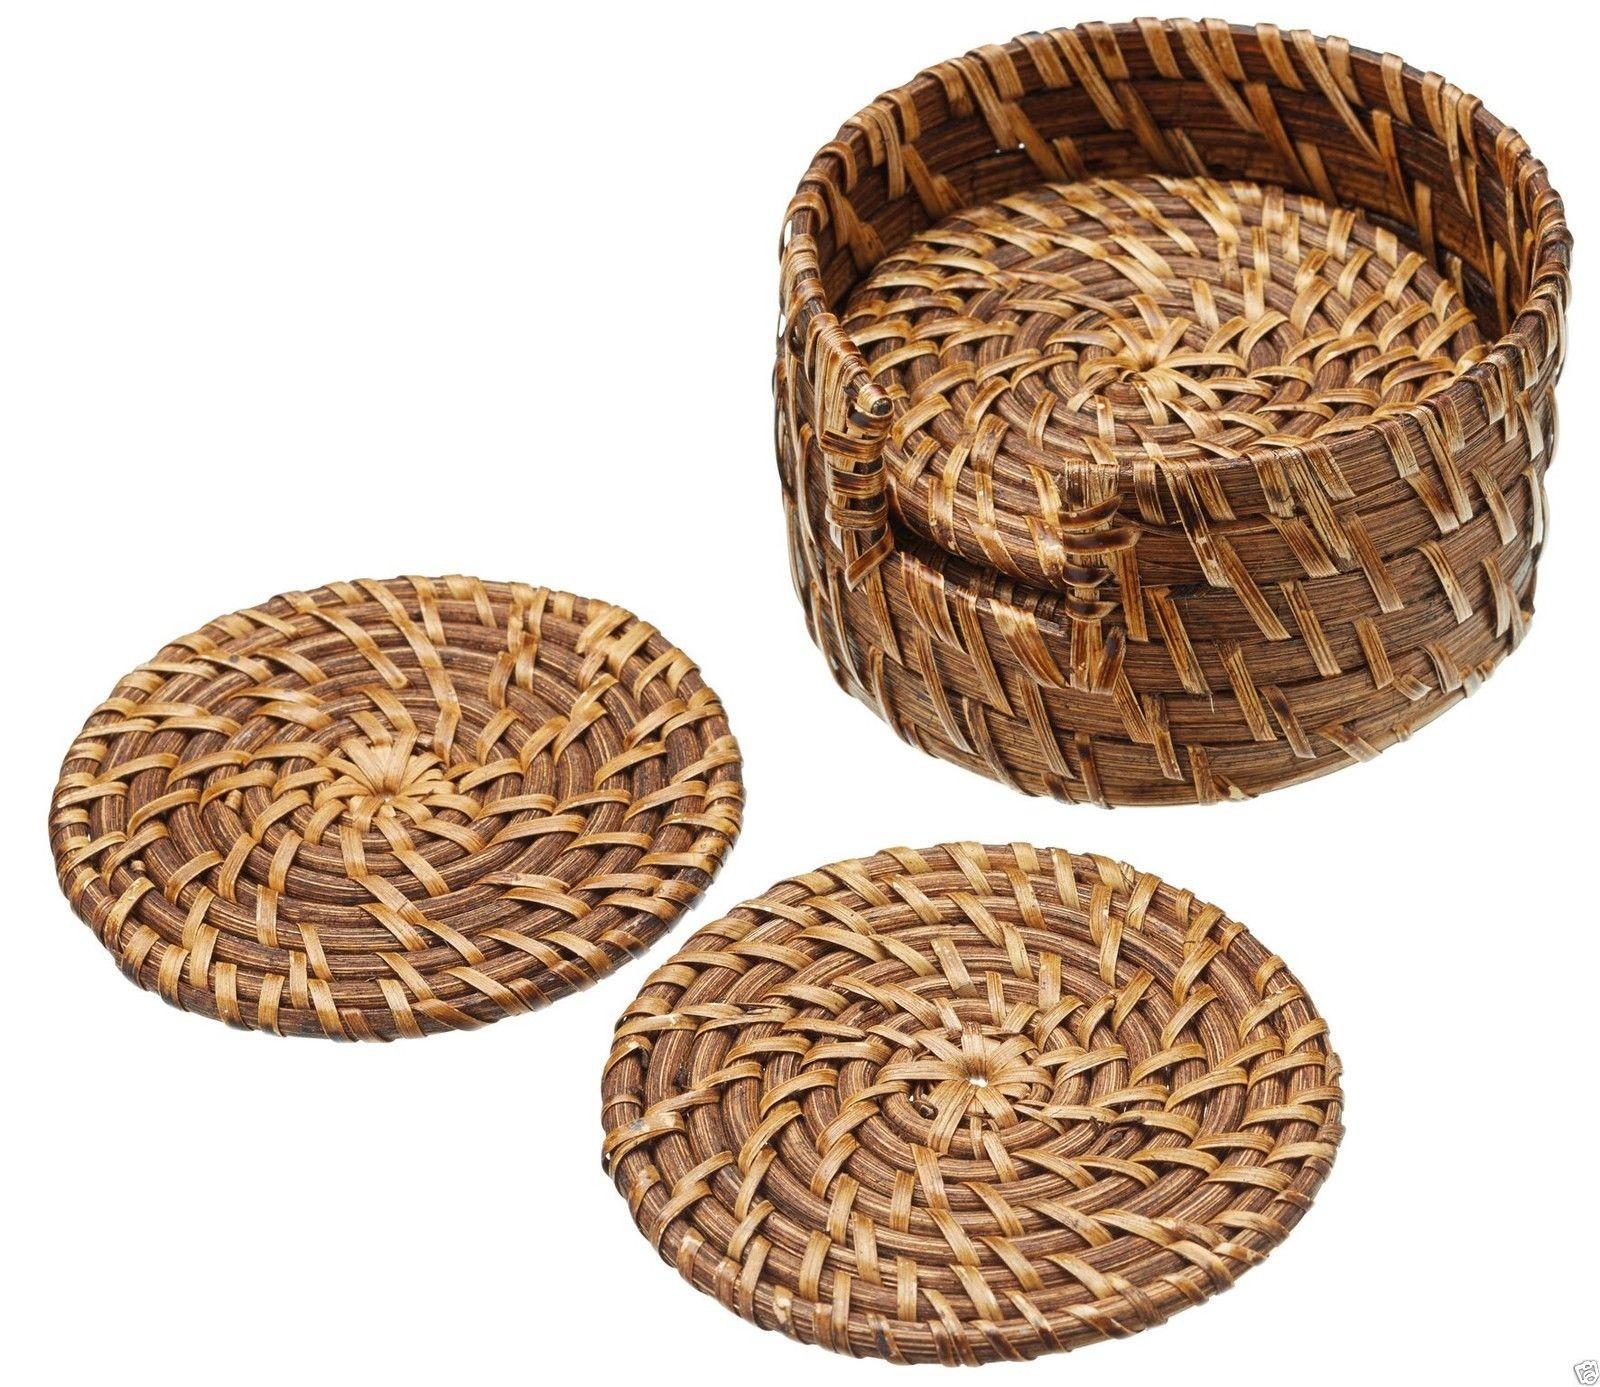 Σουβέρ Bamboo Artesa 10cm Σετ 6Τμχ Masterclass home   αξεσουαρ κουζινας   σουβέρ